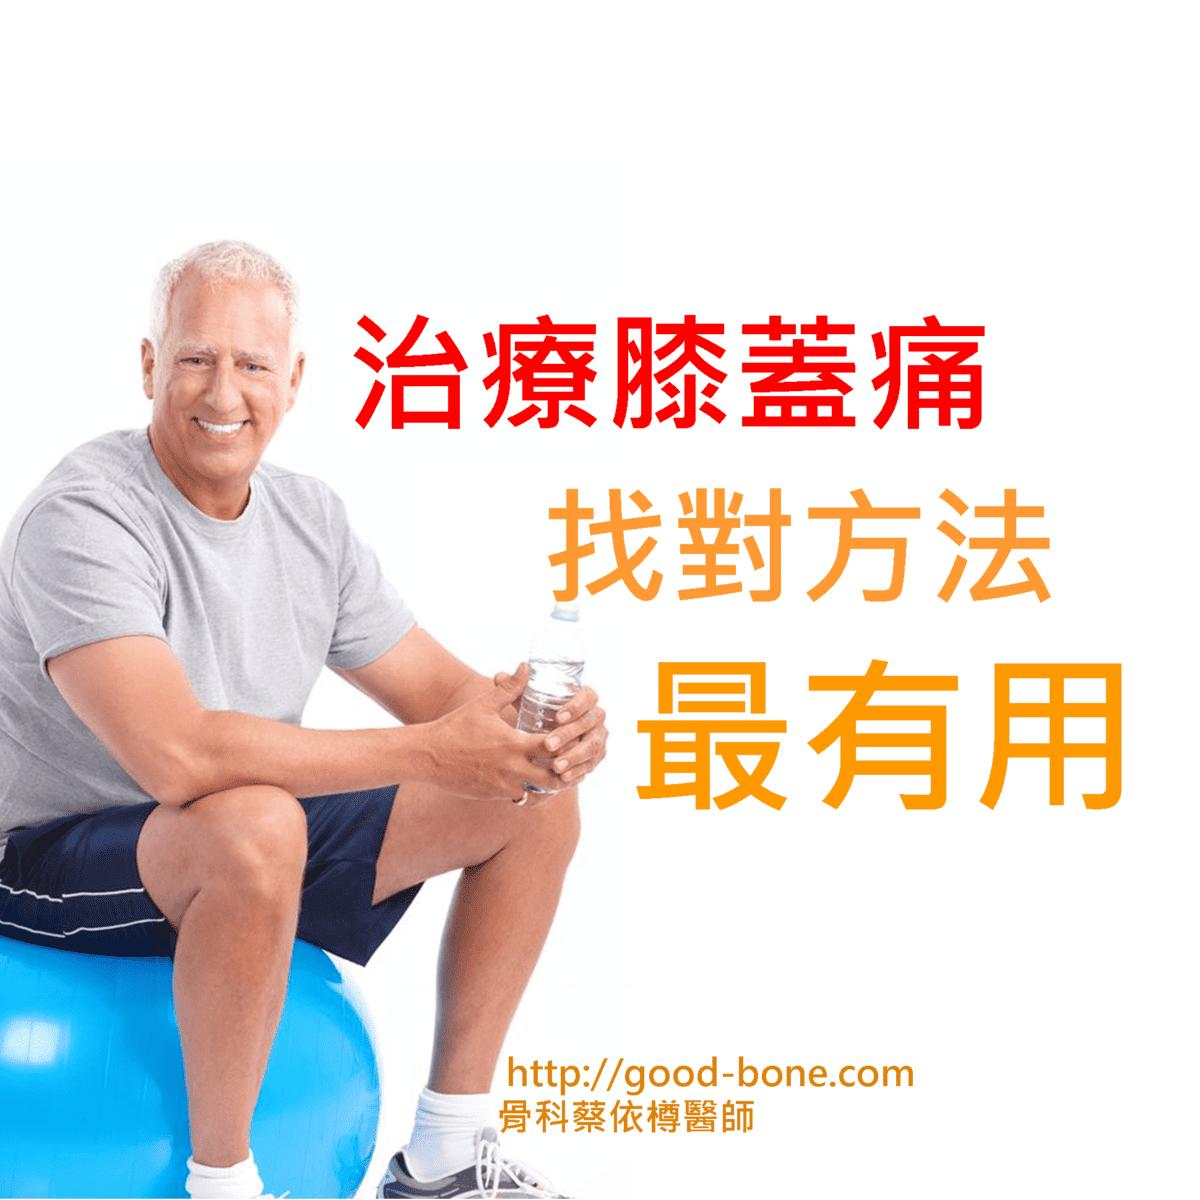 治療膝蓋痛 找對方法最有用 MB